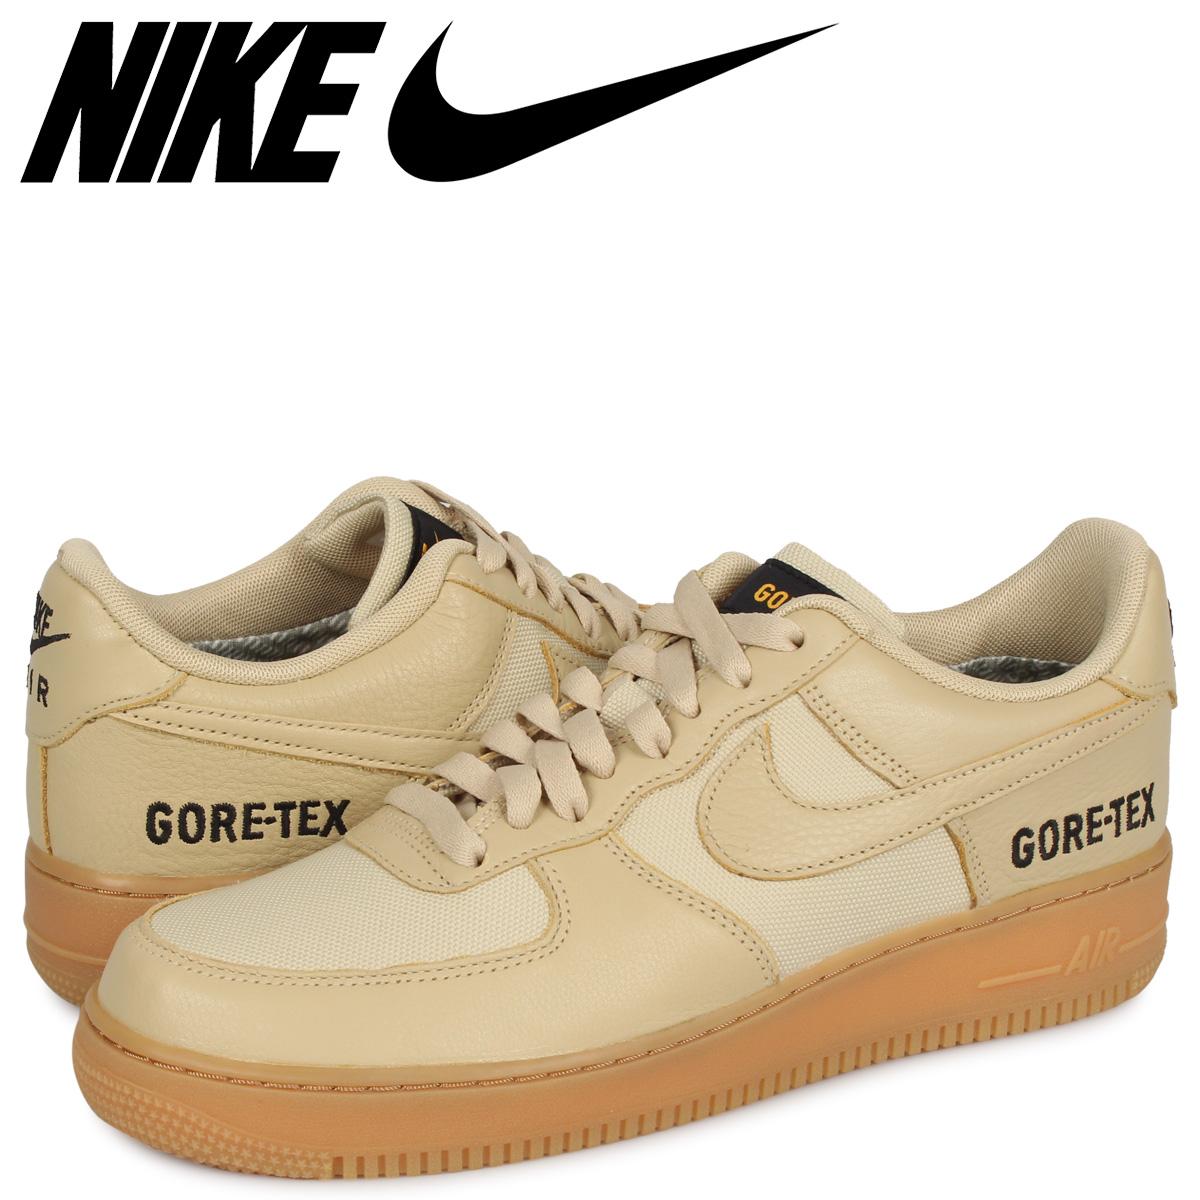 Nike Air Force 1 GTX Hommes Ck2630-200